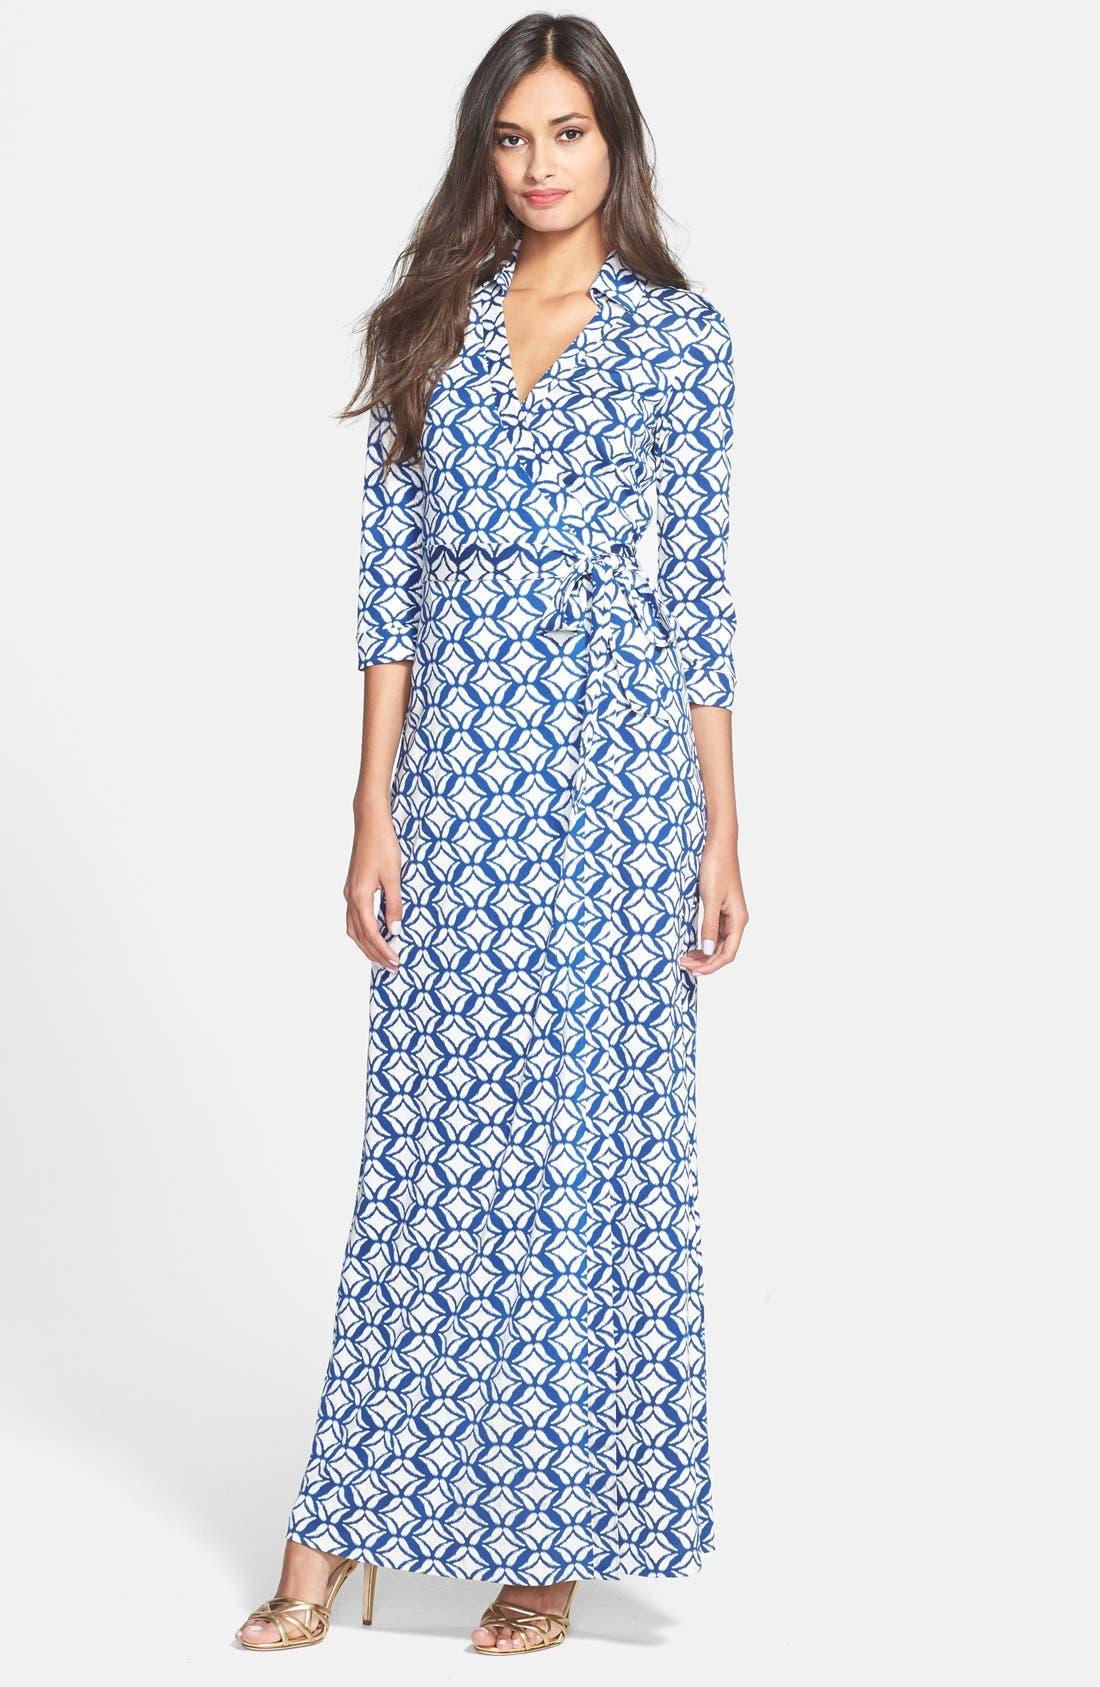 Main Image - Diane von Furstenberg 'Abigail' Print Silk Wrap Dress